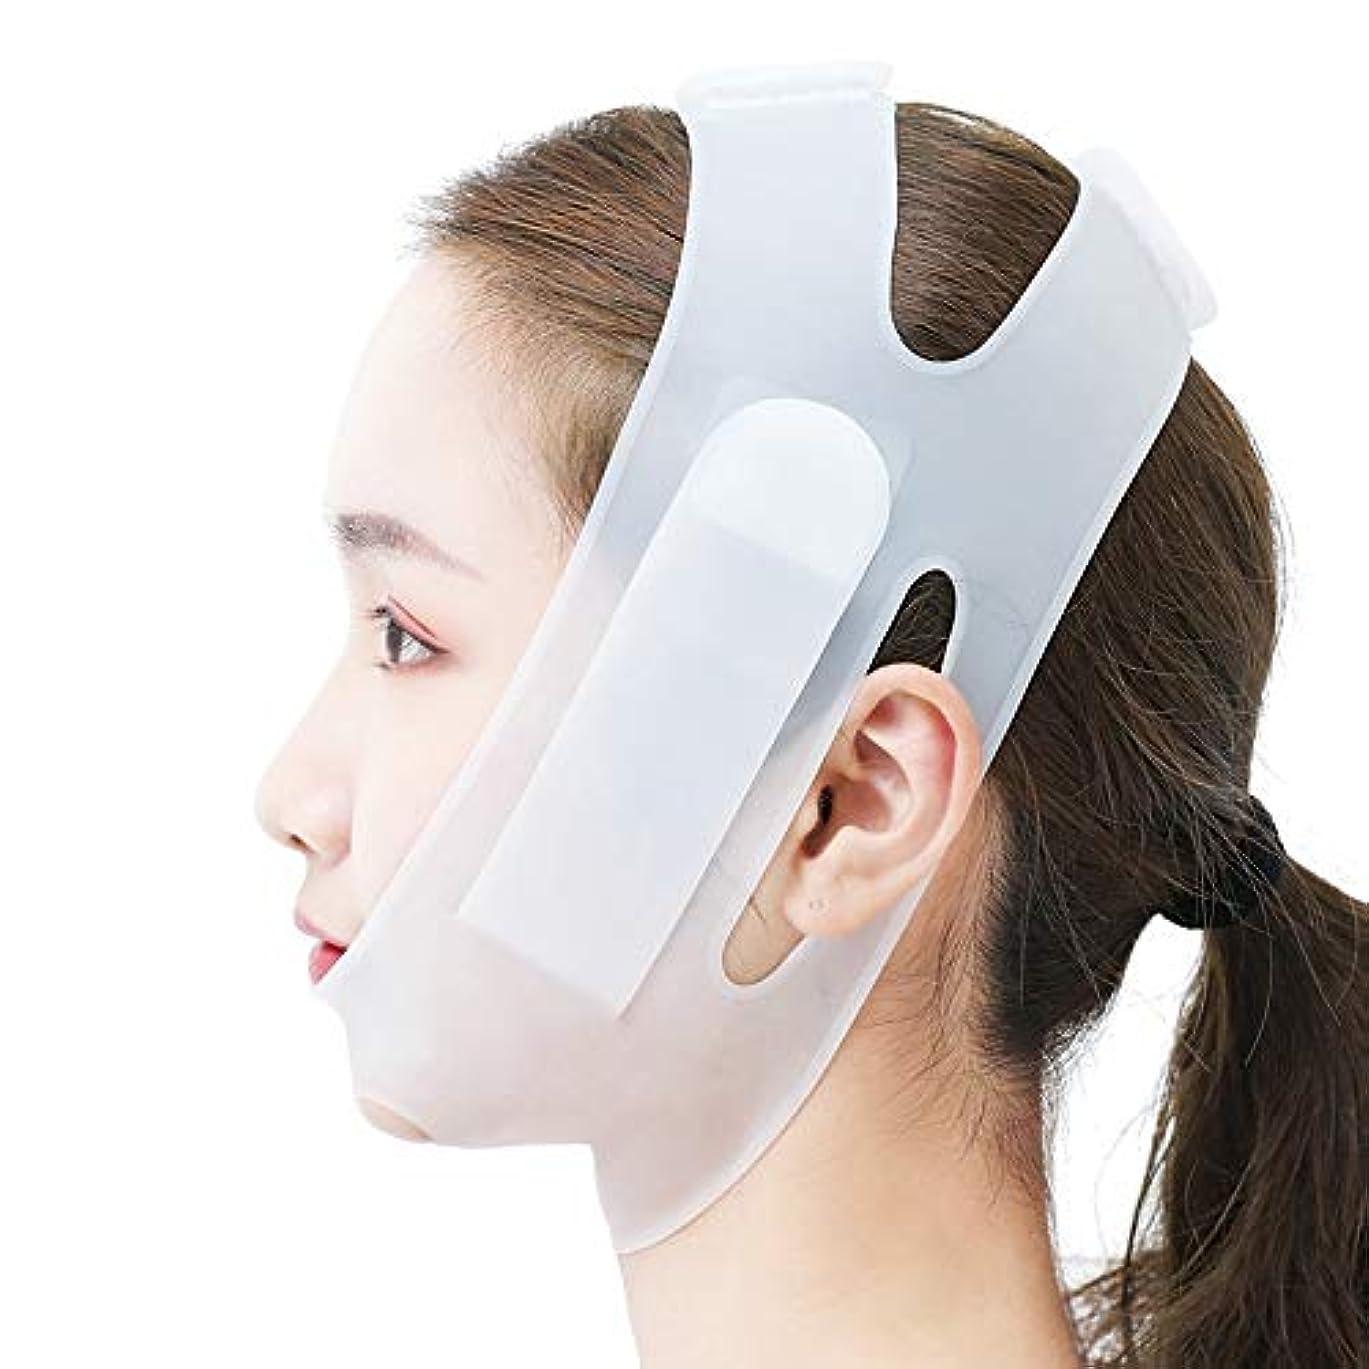 軽く分離引っ張る顔のリフティングファーミング美容包帯で顔リフティングベルト、シリコーン素材Vフェイス咬筋収縮チンリフティング (Color : A)